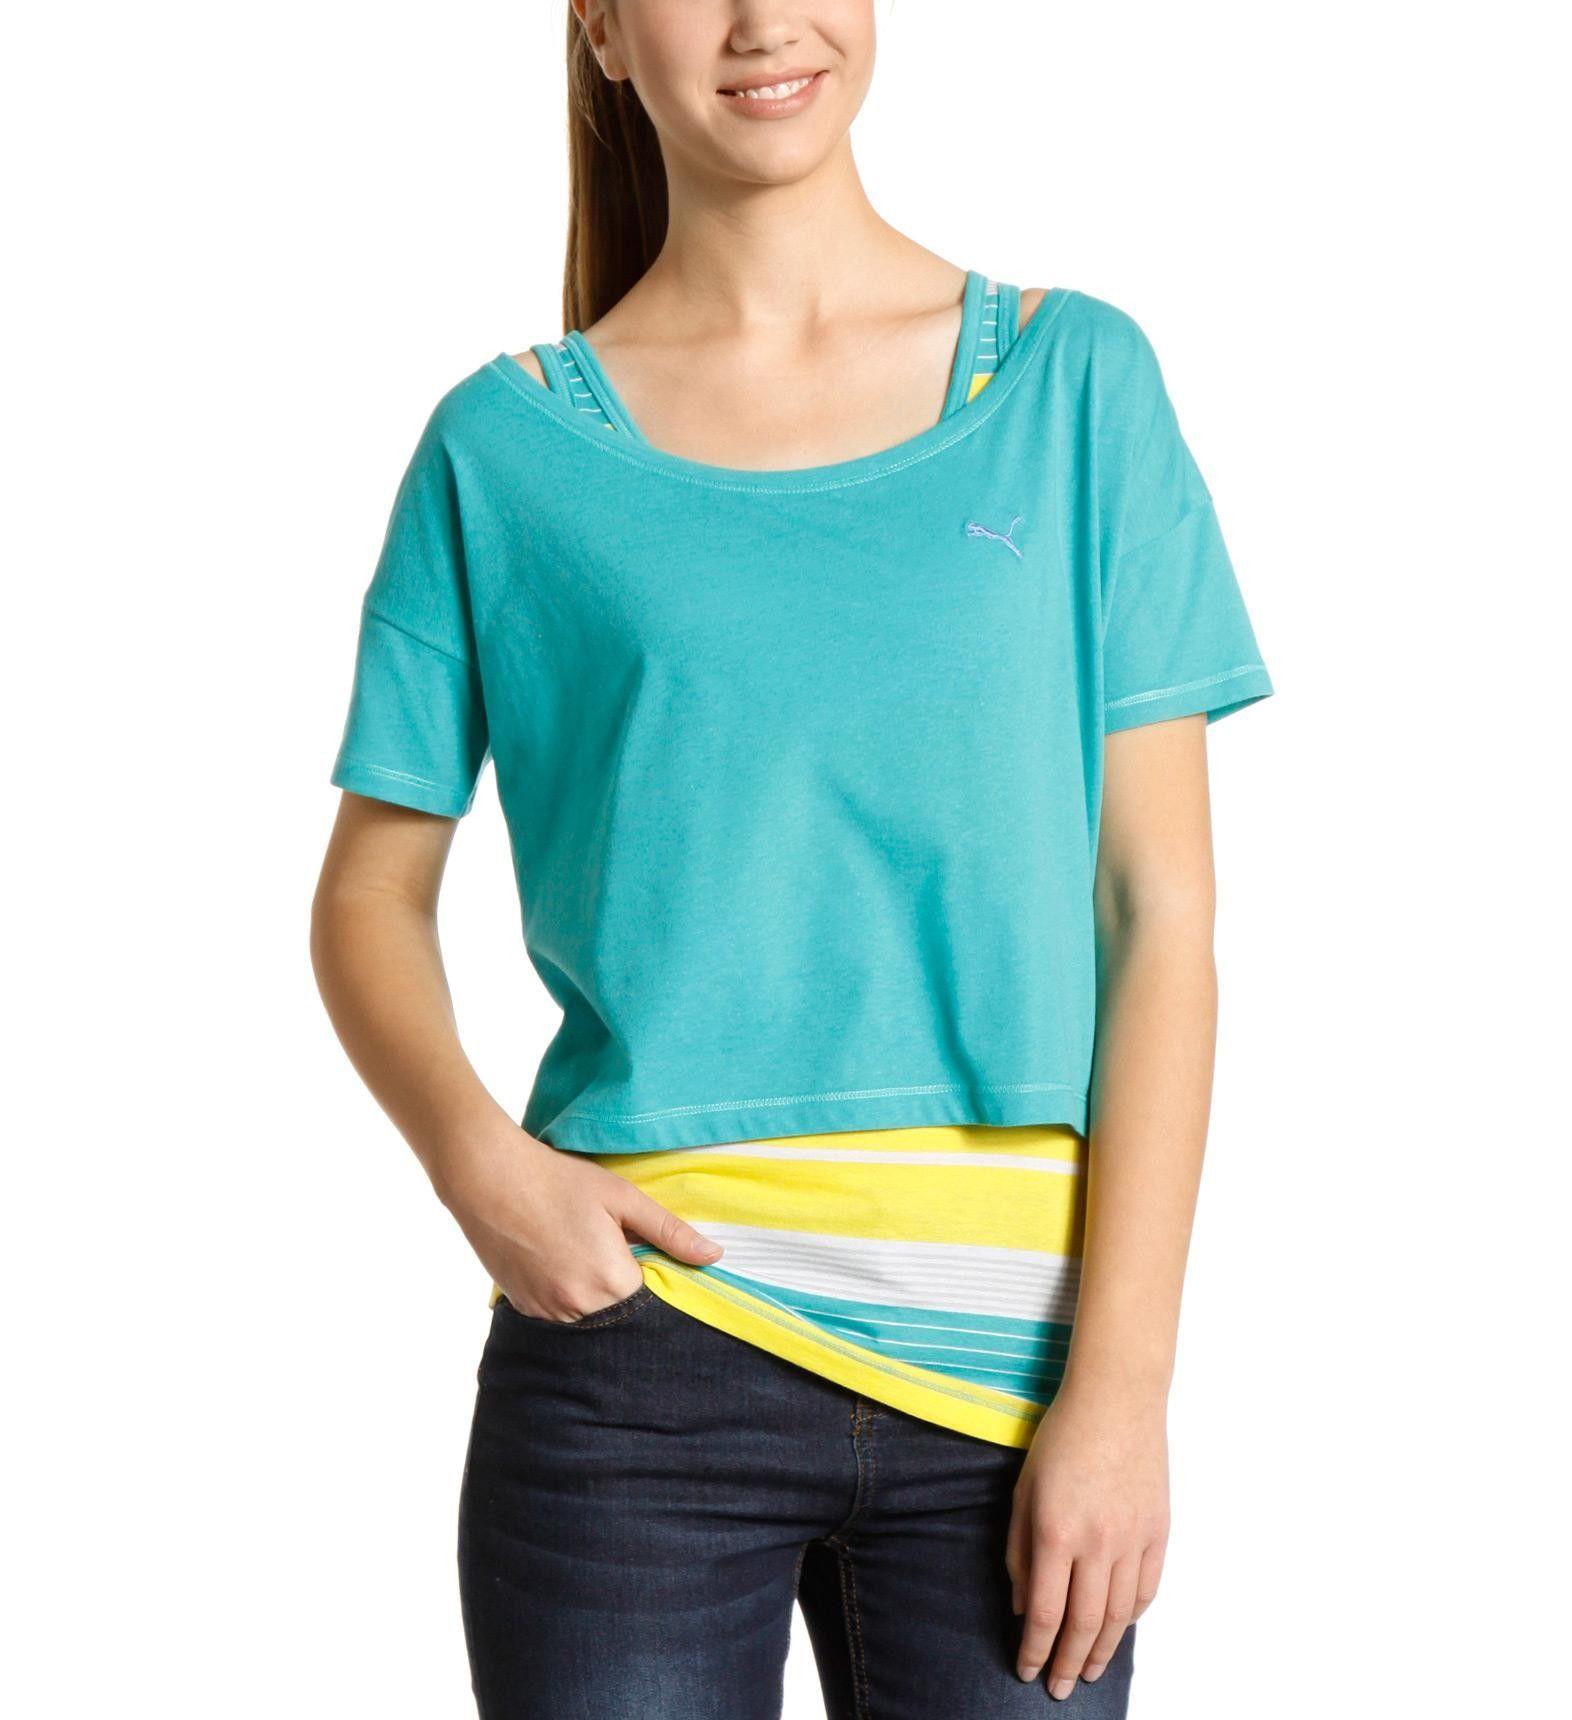 puma t shirt drapy 2 en 1 pour femme la boutique puma pickture. Black Bedroom Furniture Sets. Home Design Ideas